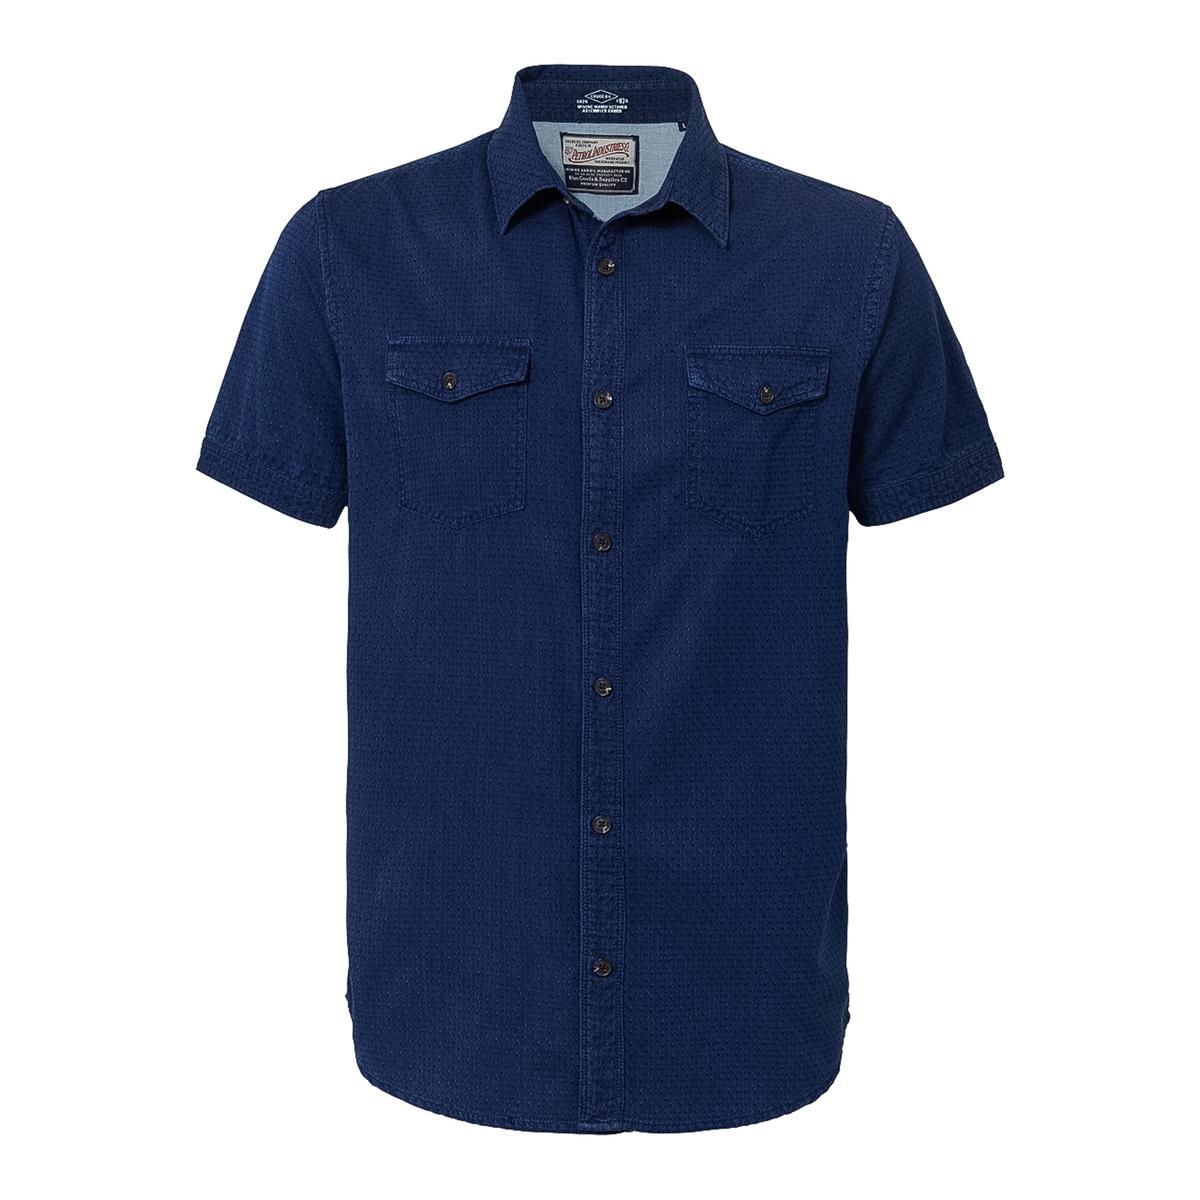 Рубашка с рисунком и короткими рукавамиОписание:Детали •  Короткие рукава •  Приталенный покрой   •  Классический воротник •  Рисунок-принтСостав и уход •  100% хлопок •  Следуйте рекомендациям по уходу, указанным на этикетке изделия<br><br>Цвет: темно-синий